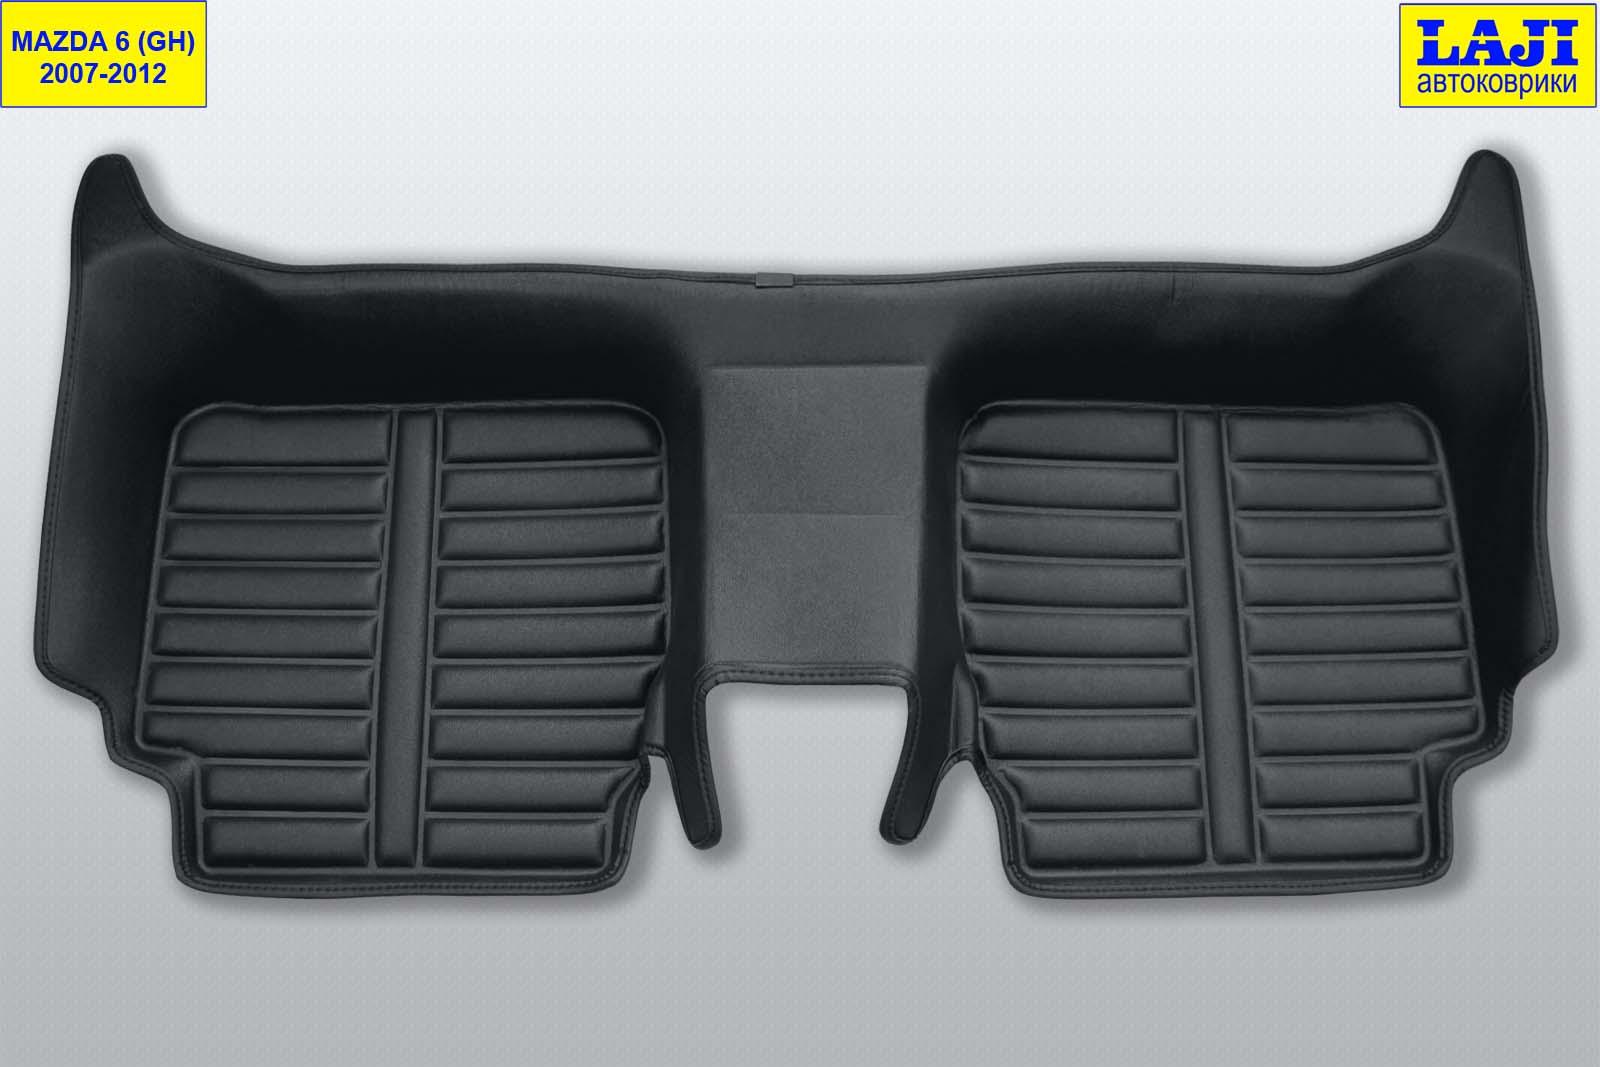 5D коврики в салон Mazda 6 GH 2007-2012 9